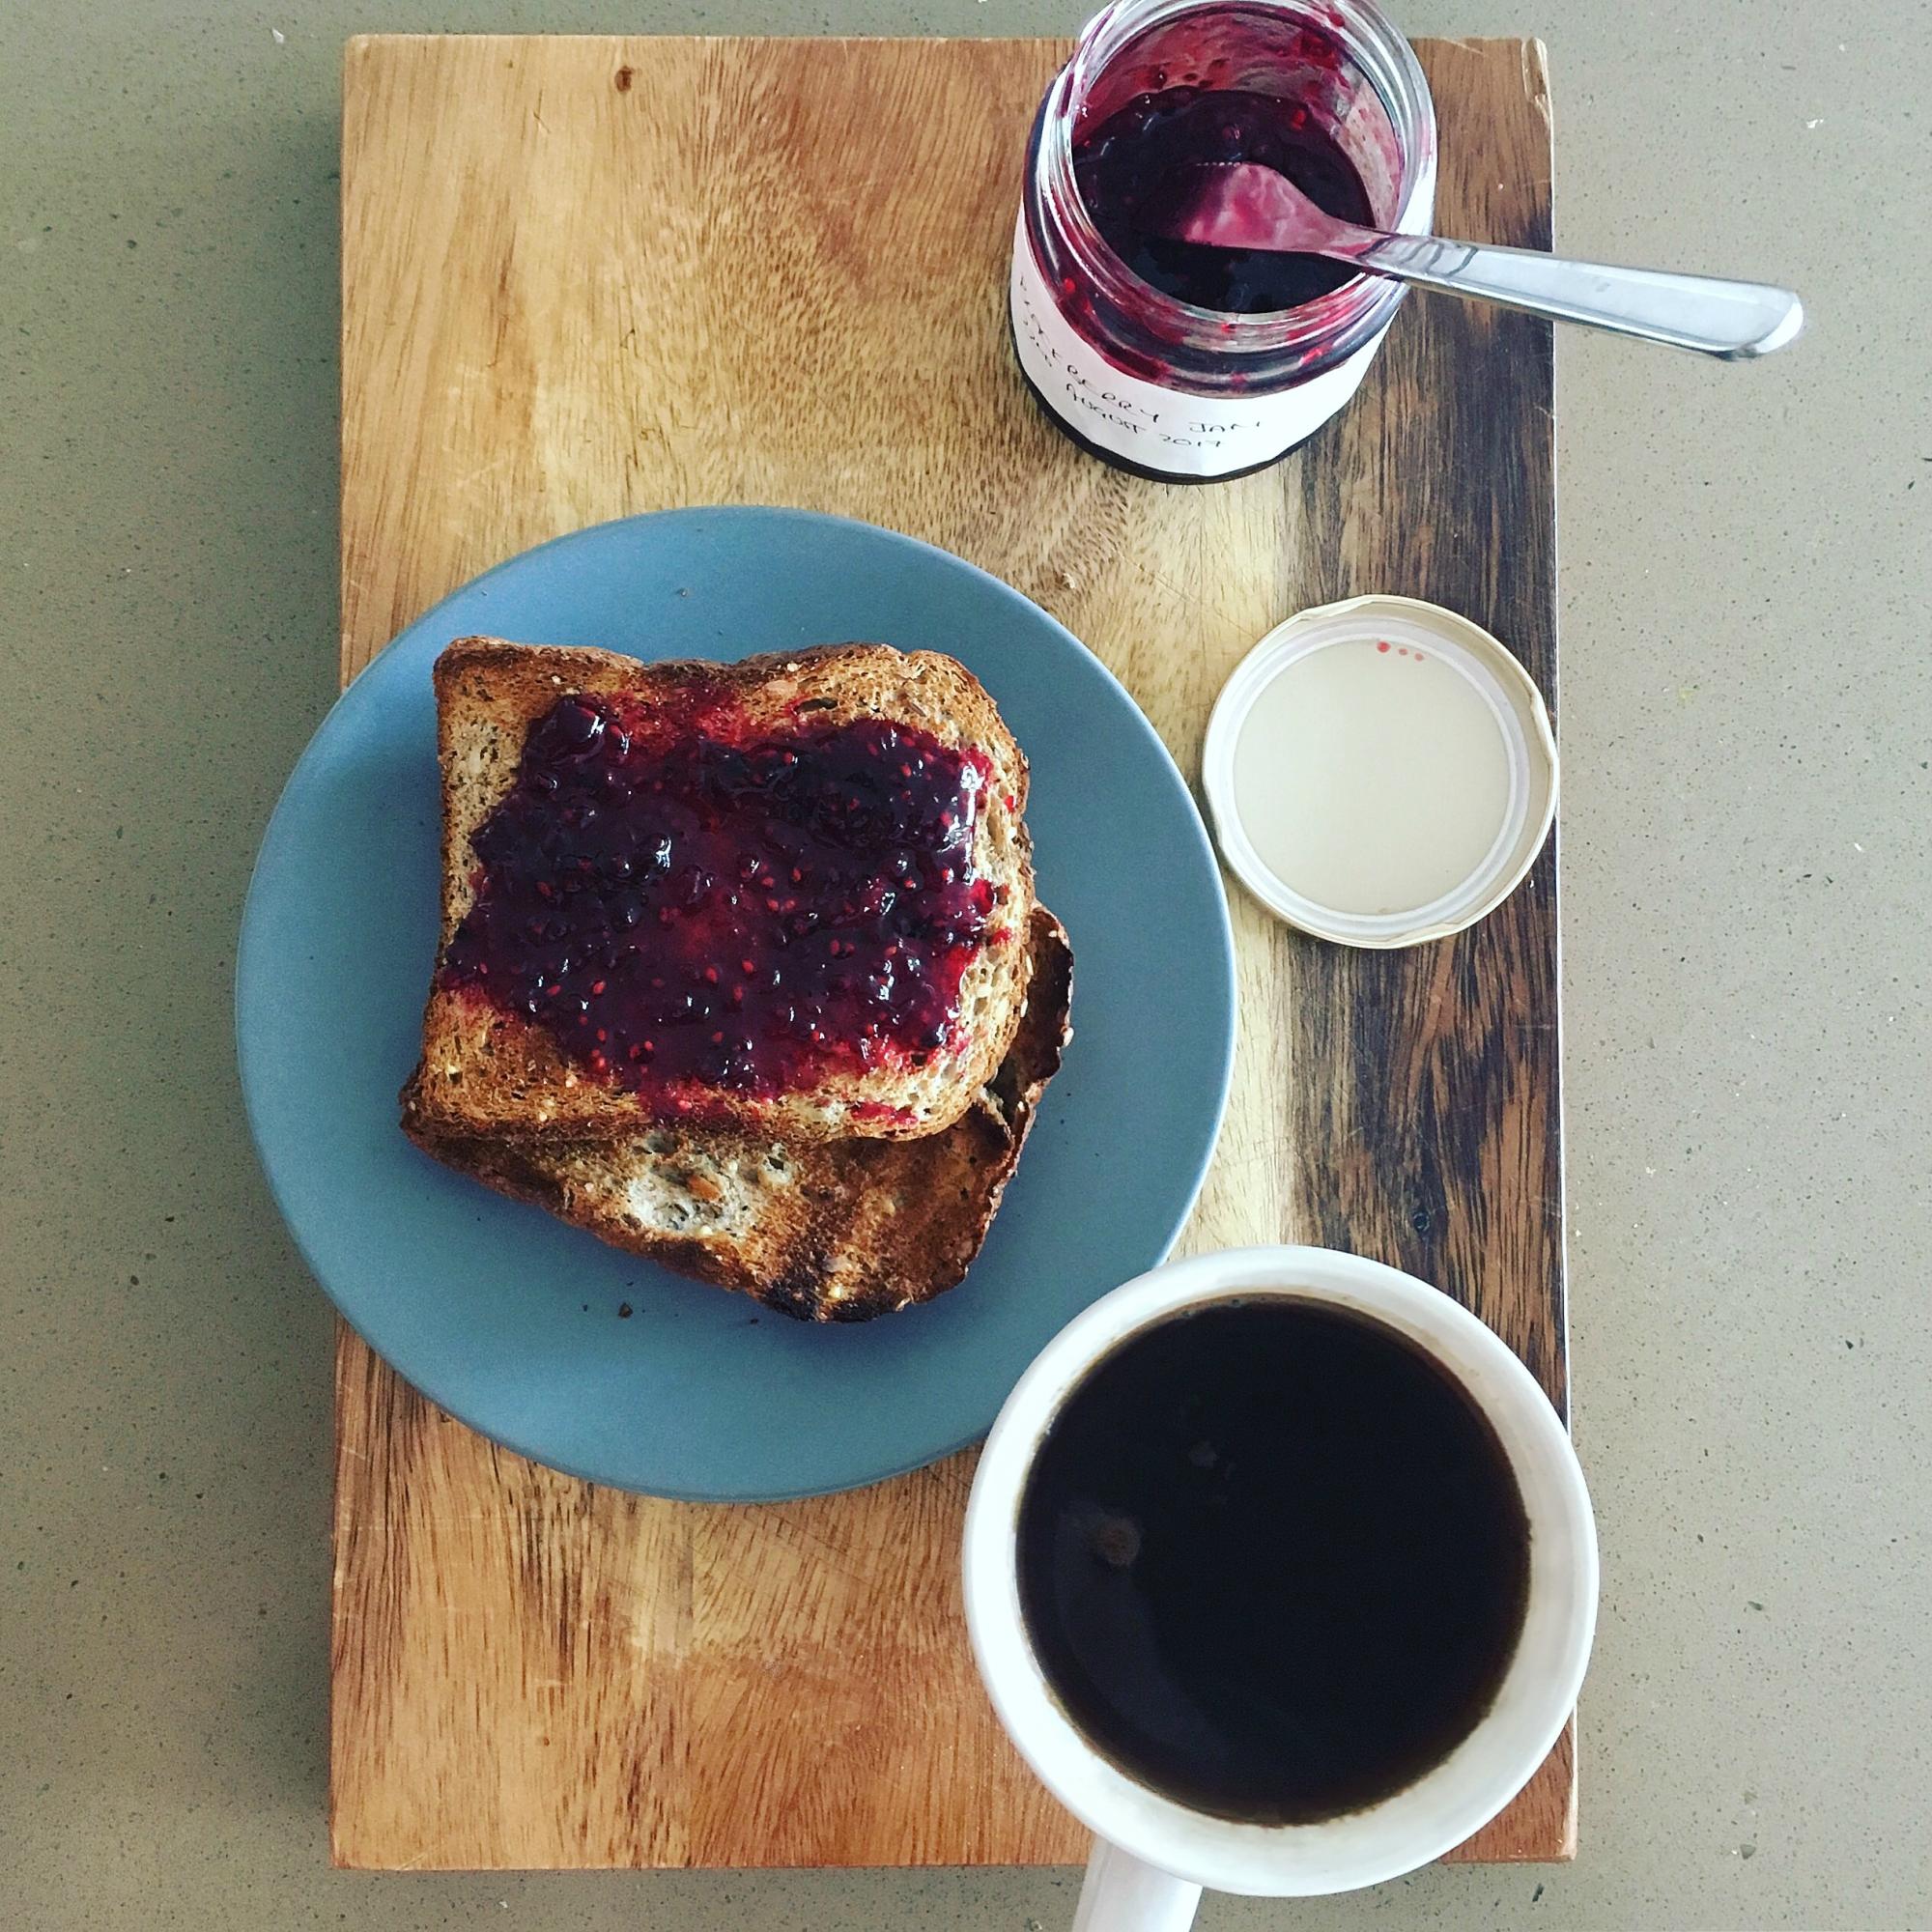 blackberry jam recipe jam on toast food food blog The Jam Jar coffee